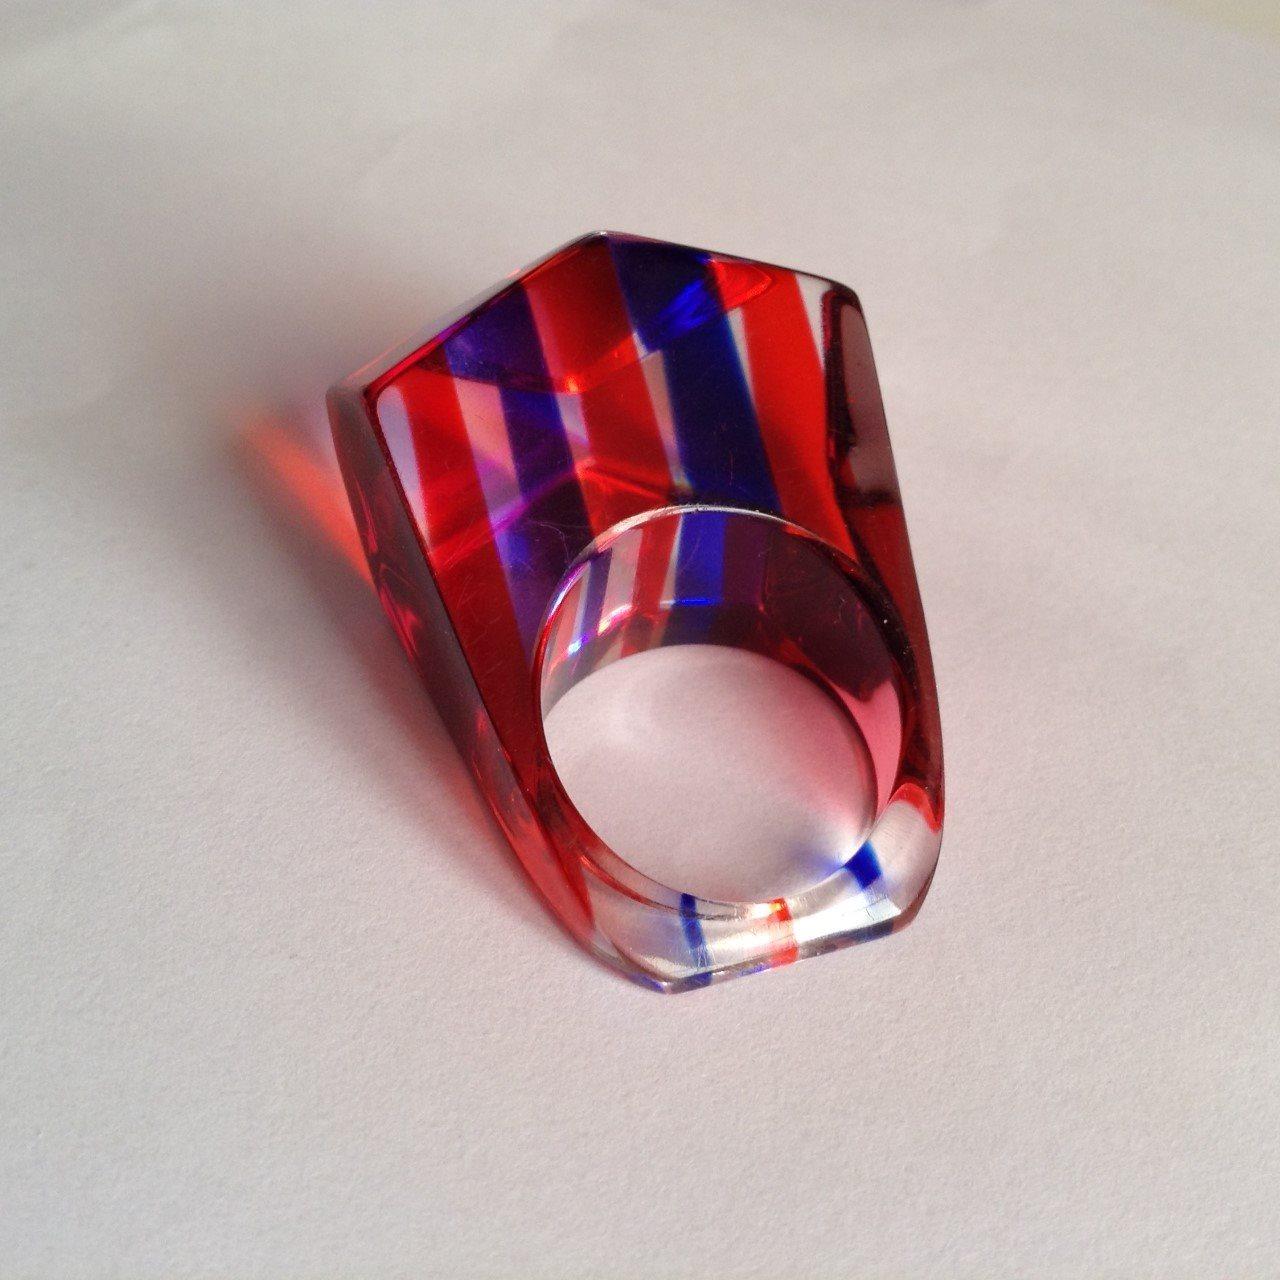 70 tal läcker ring av akrylplast, 1 ägare, vintage retro fingerring